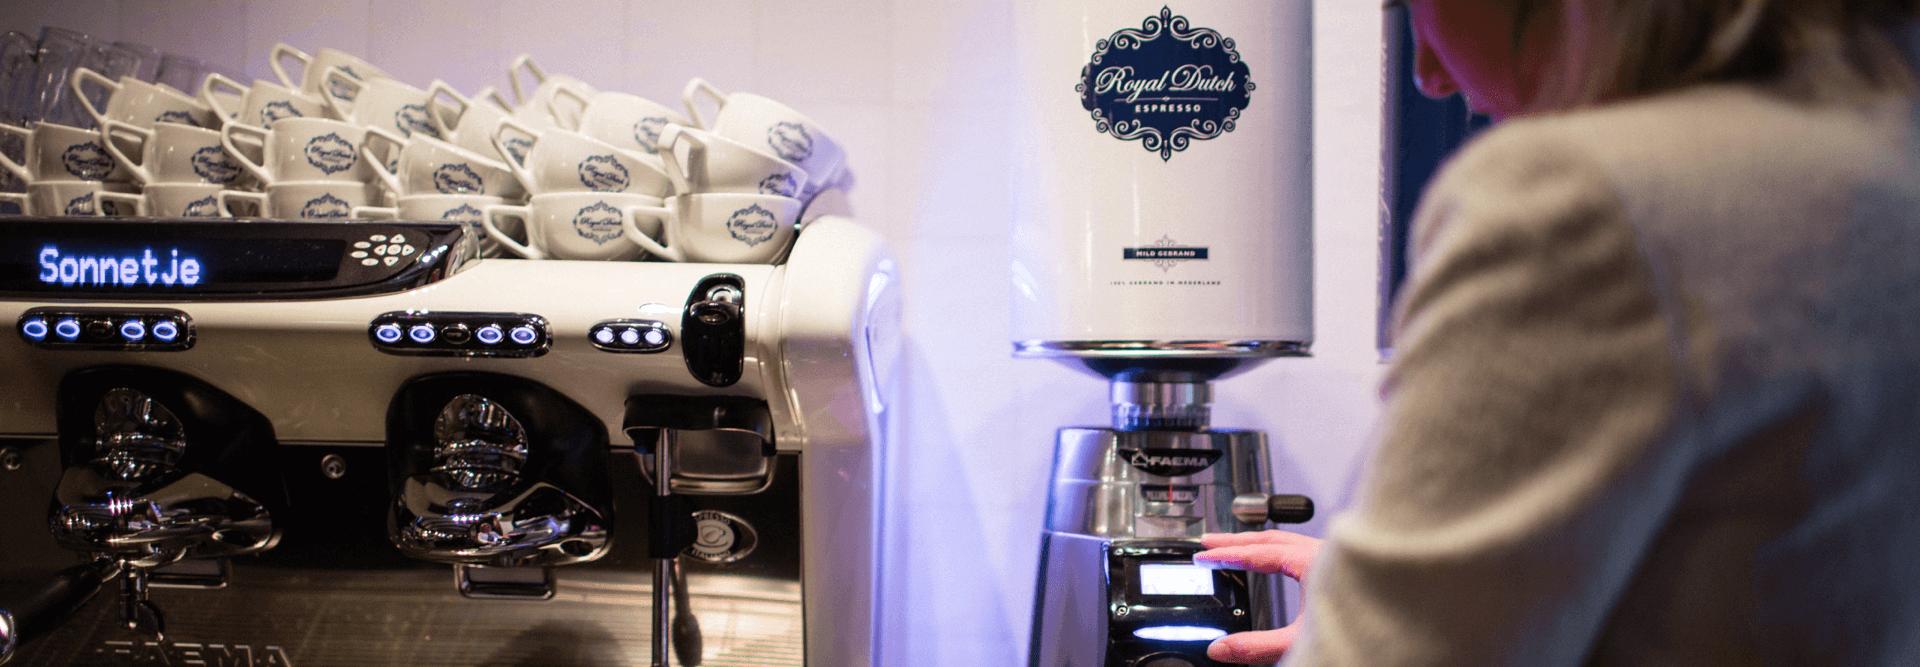 RDE_Royal_Dutch_Espresso_Horeca_koffie_traditionele_espressomachine_Rex_Royal_volautomaat_Cafema (1).png